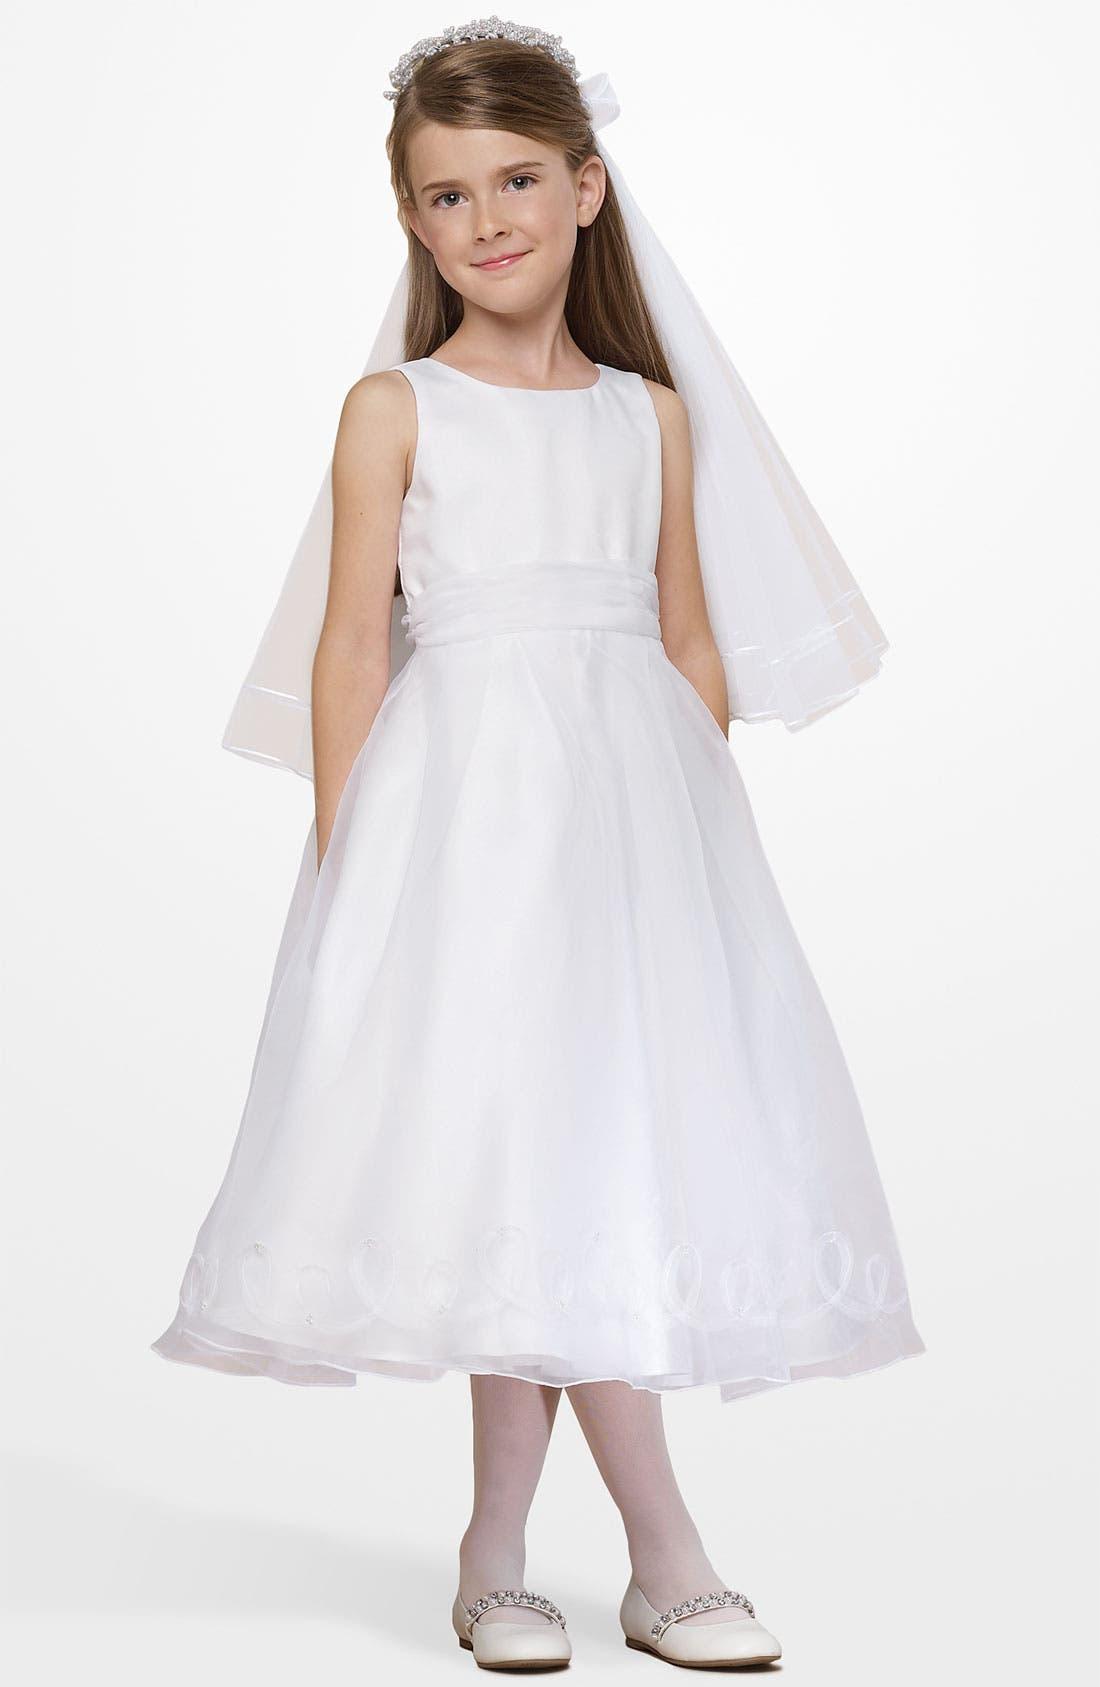 Alternate Image 1 Selected - Us Angels Embellished Satin & Organza Dress (Little Girls)